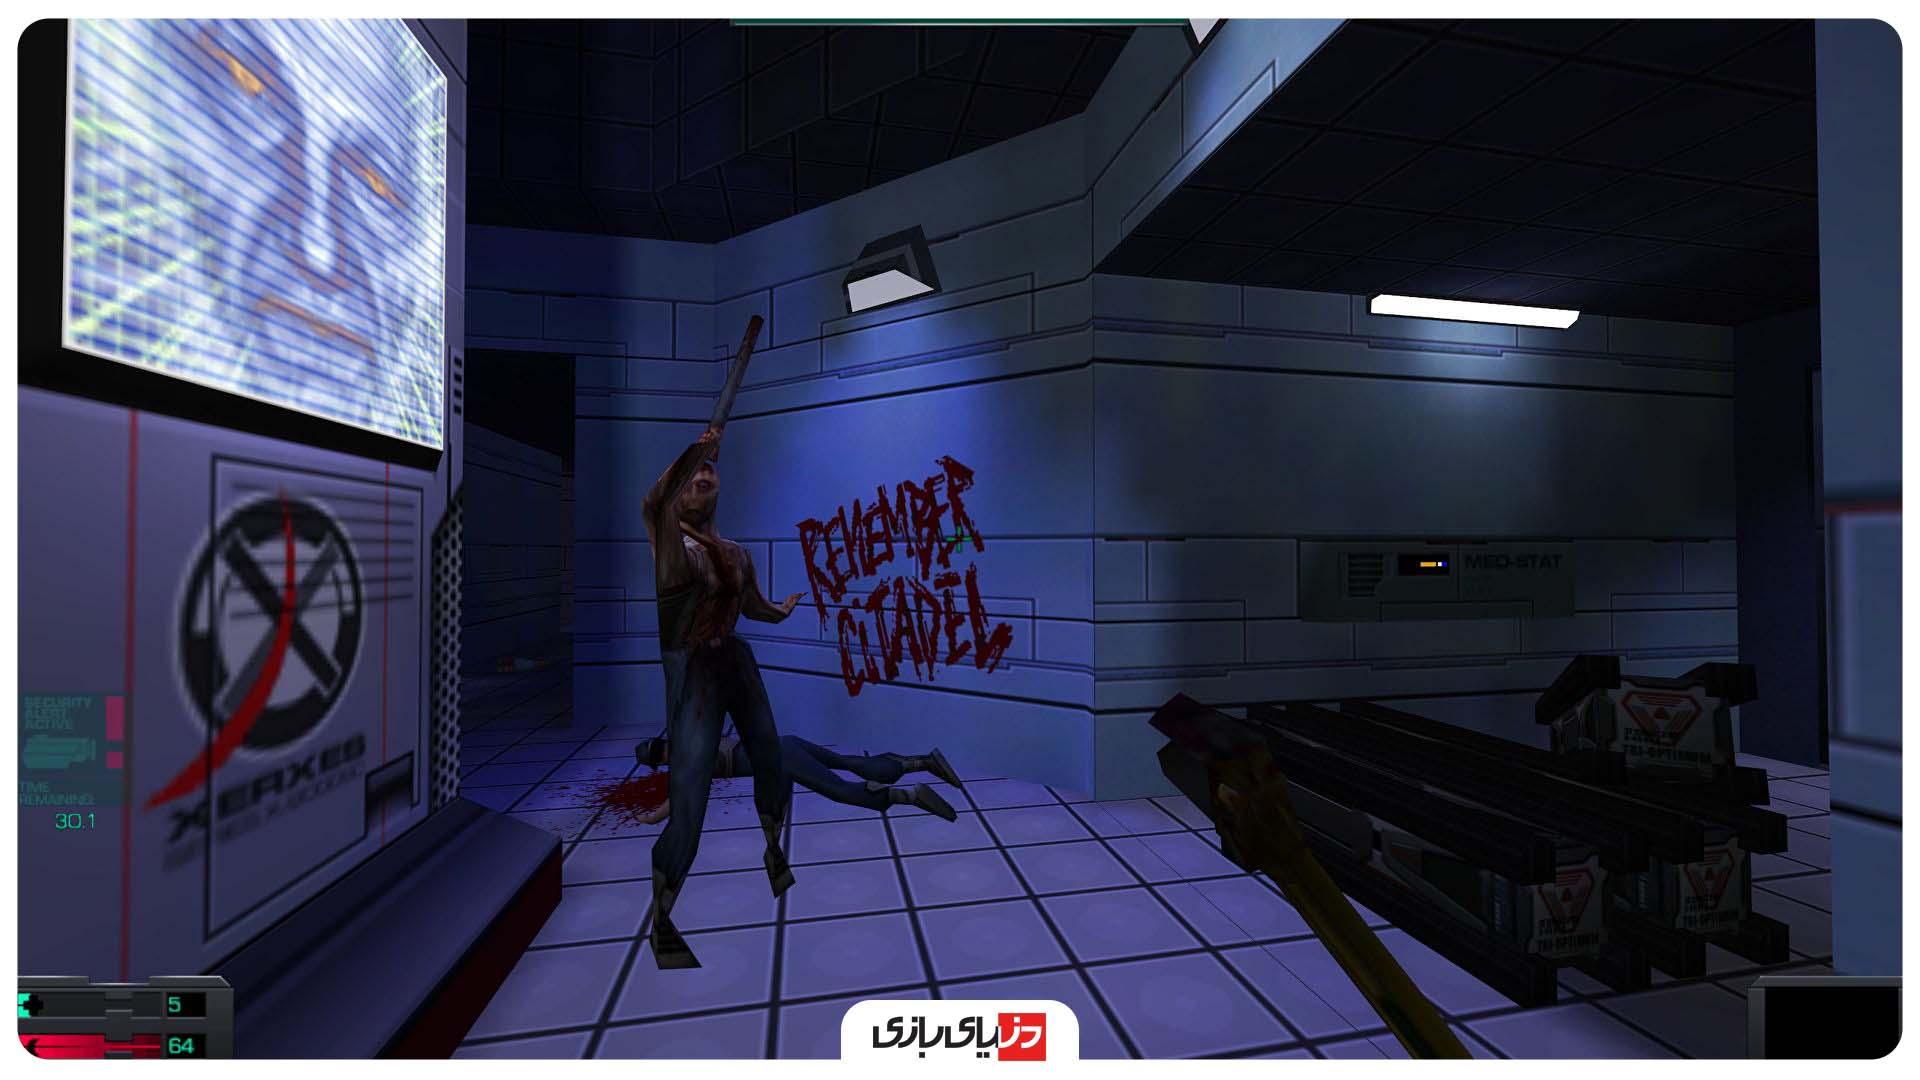 ترسناک ترین بازی های کامپیوتر